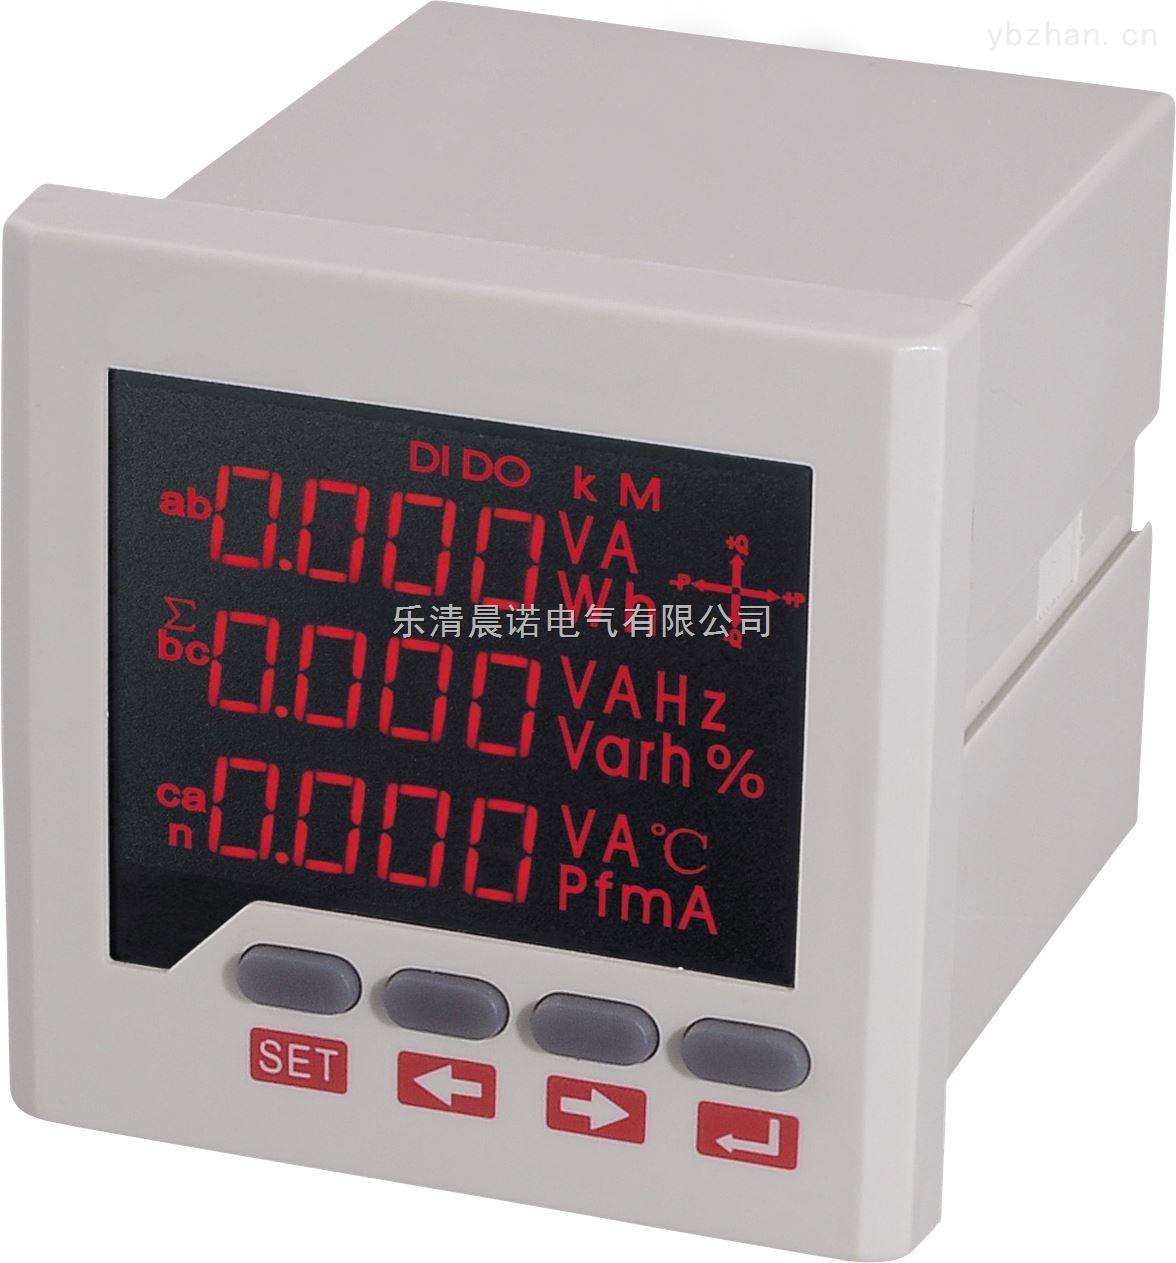 PD800NG-K43/R/2M/4DI多功能电力仪表